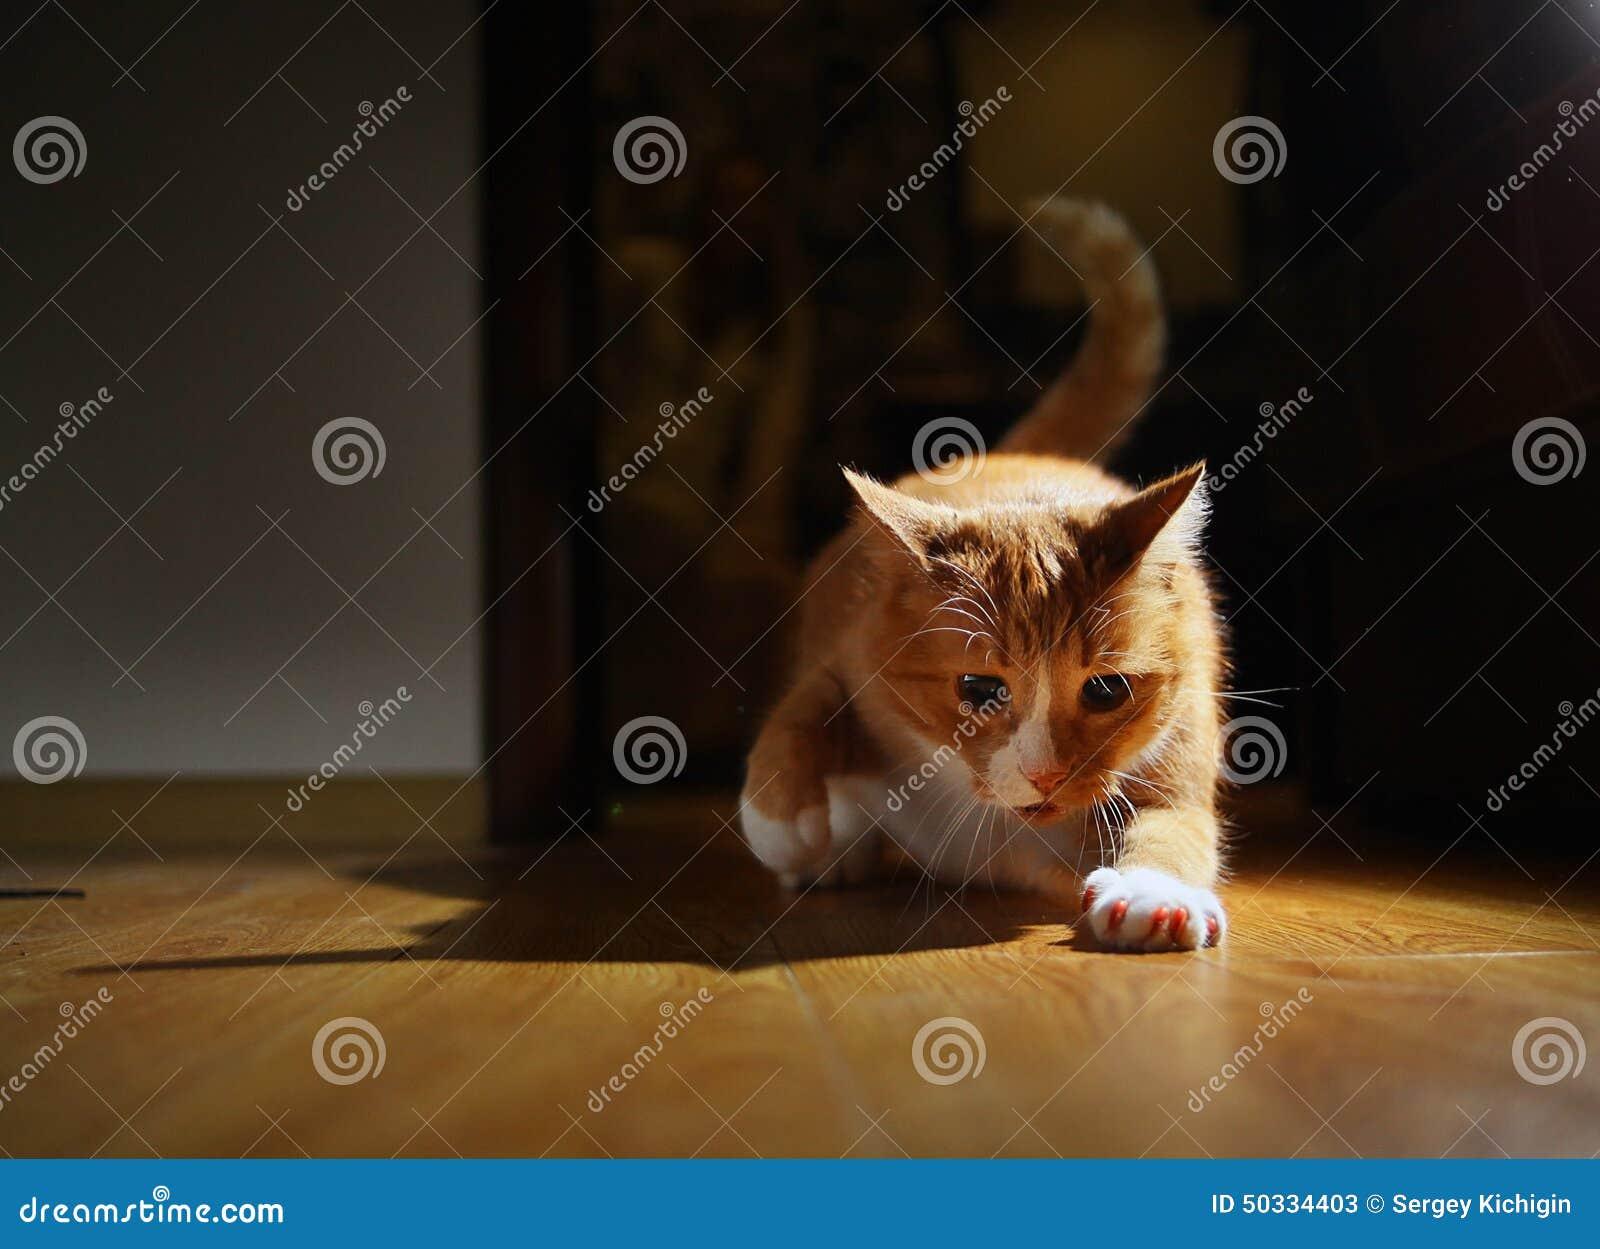 Смешные игры про кота